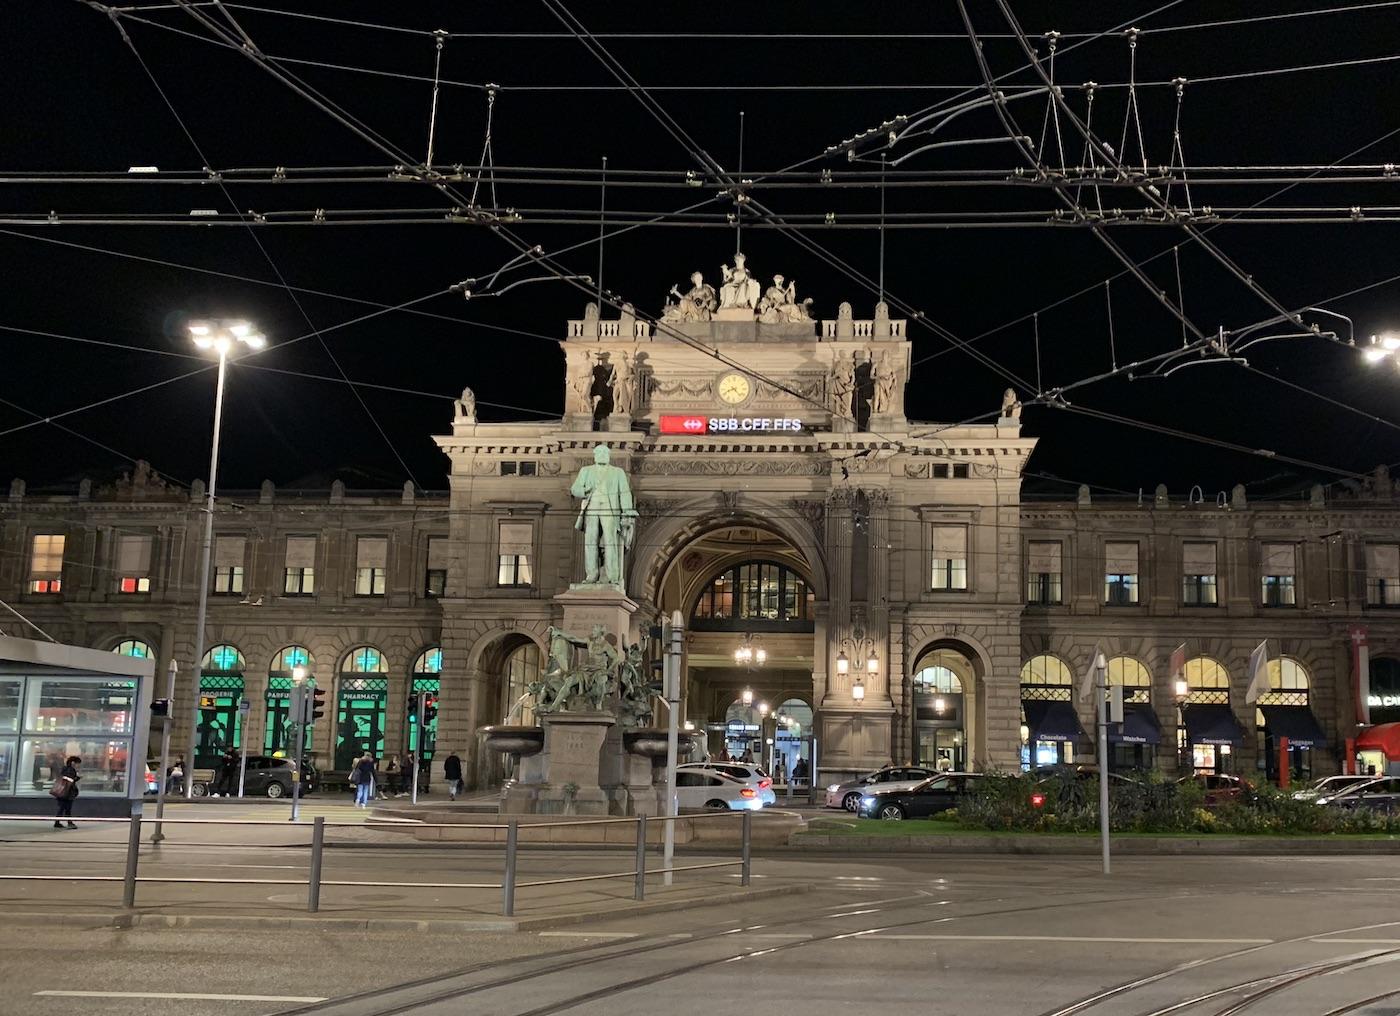 Bahnhof Zürich Aufnahme mit iPhone Xs